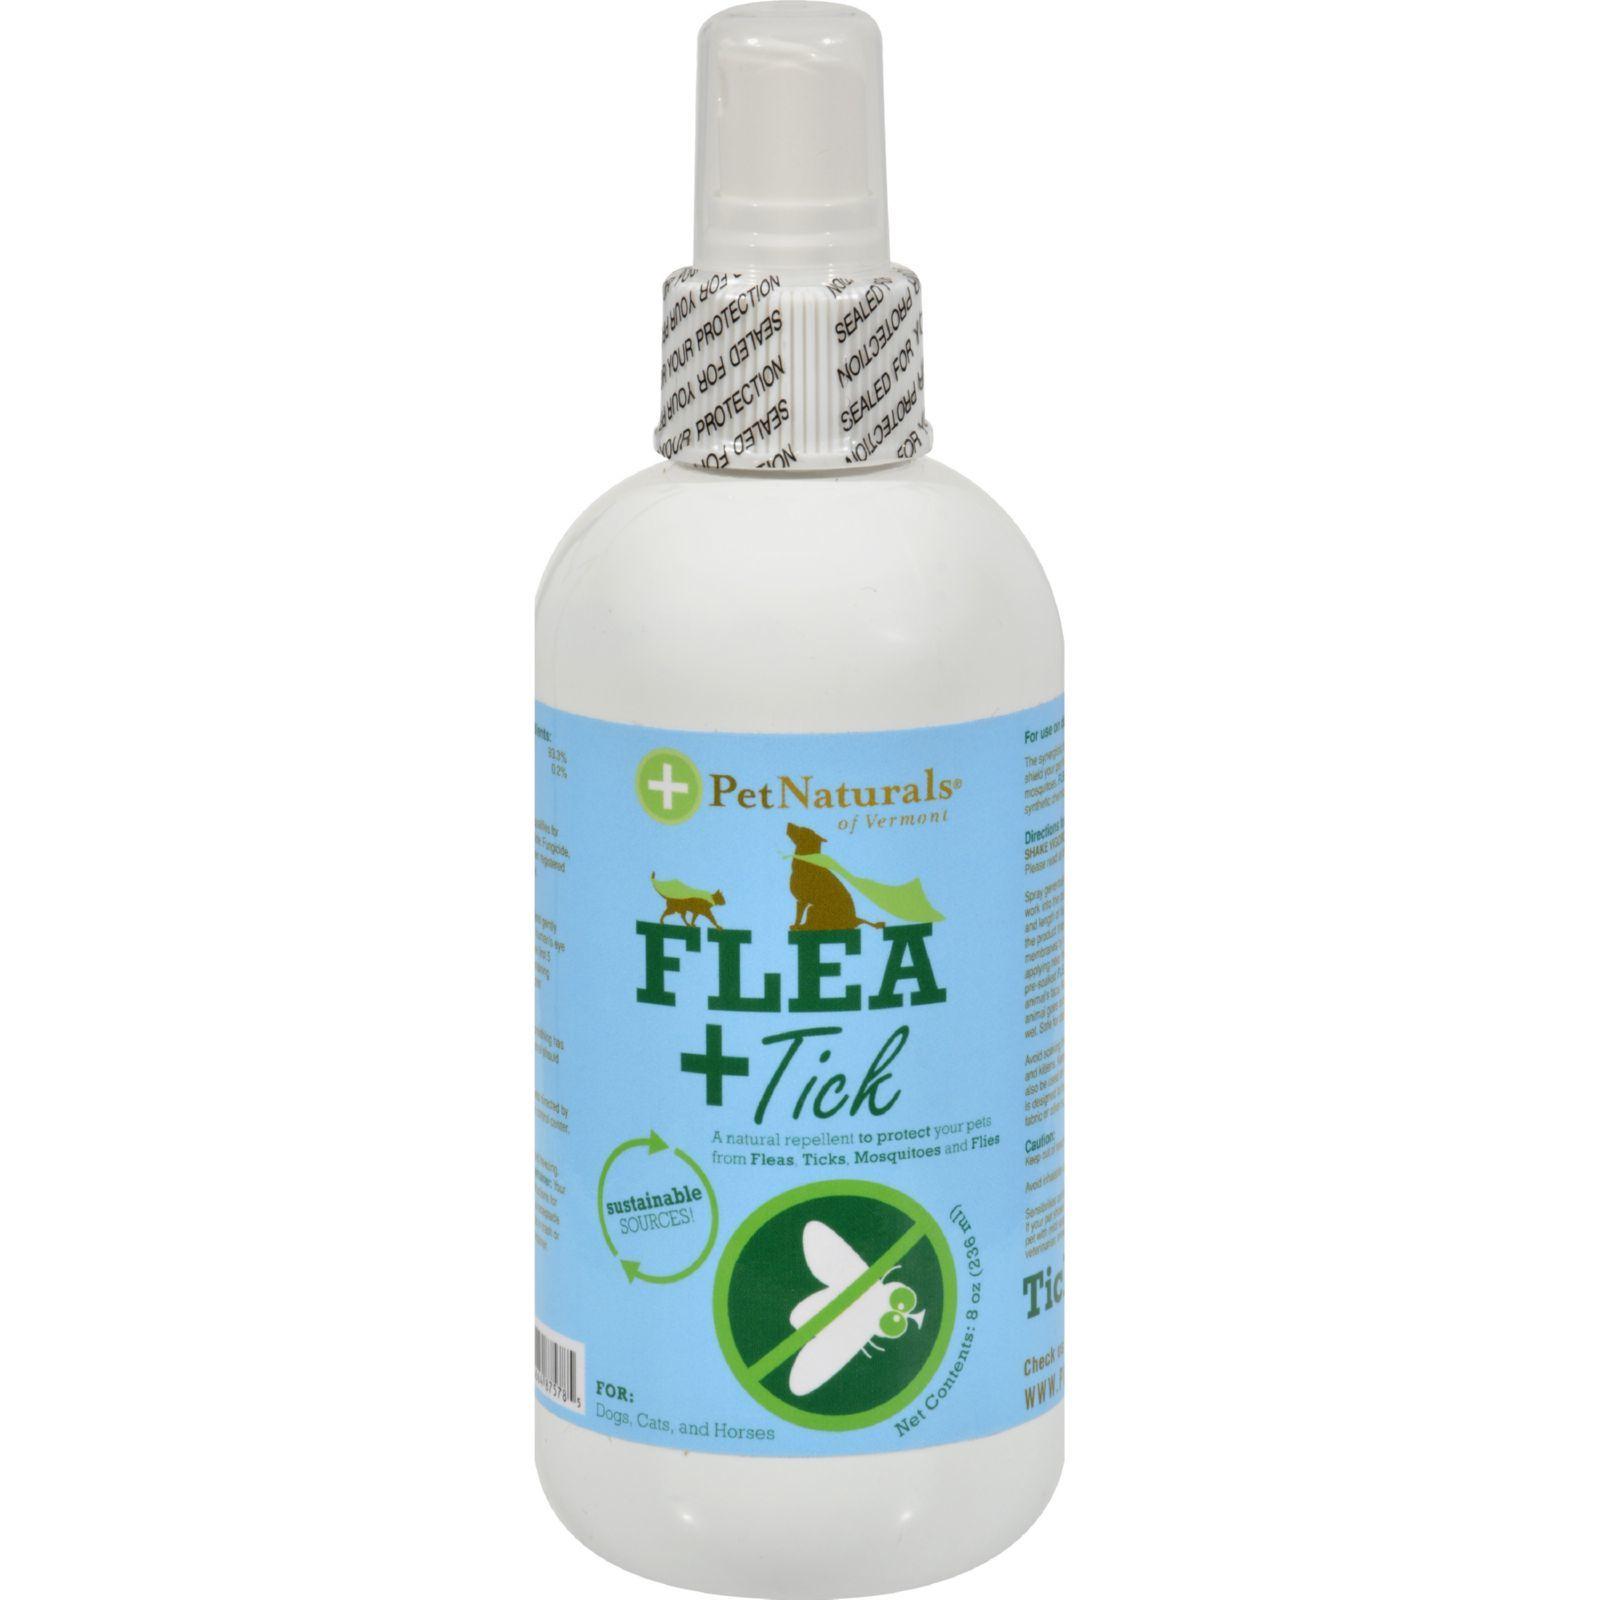 Pet Naturals of Vermont Protect Flea and Tick Repellent - 8 fl oz